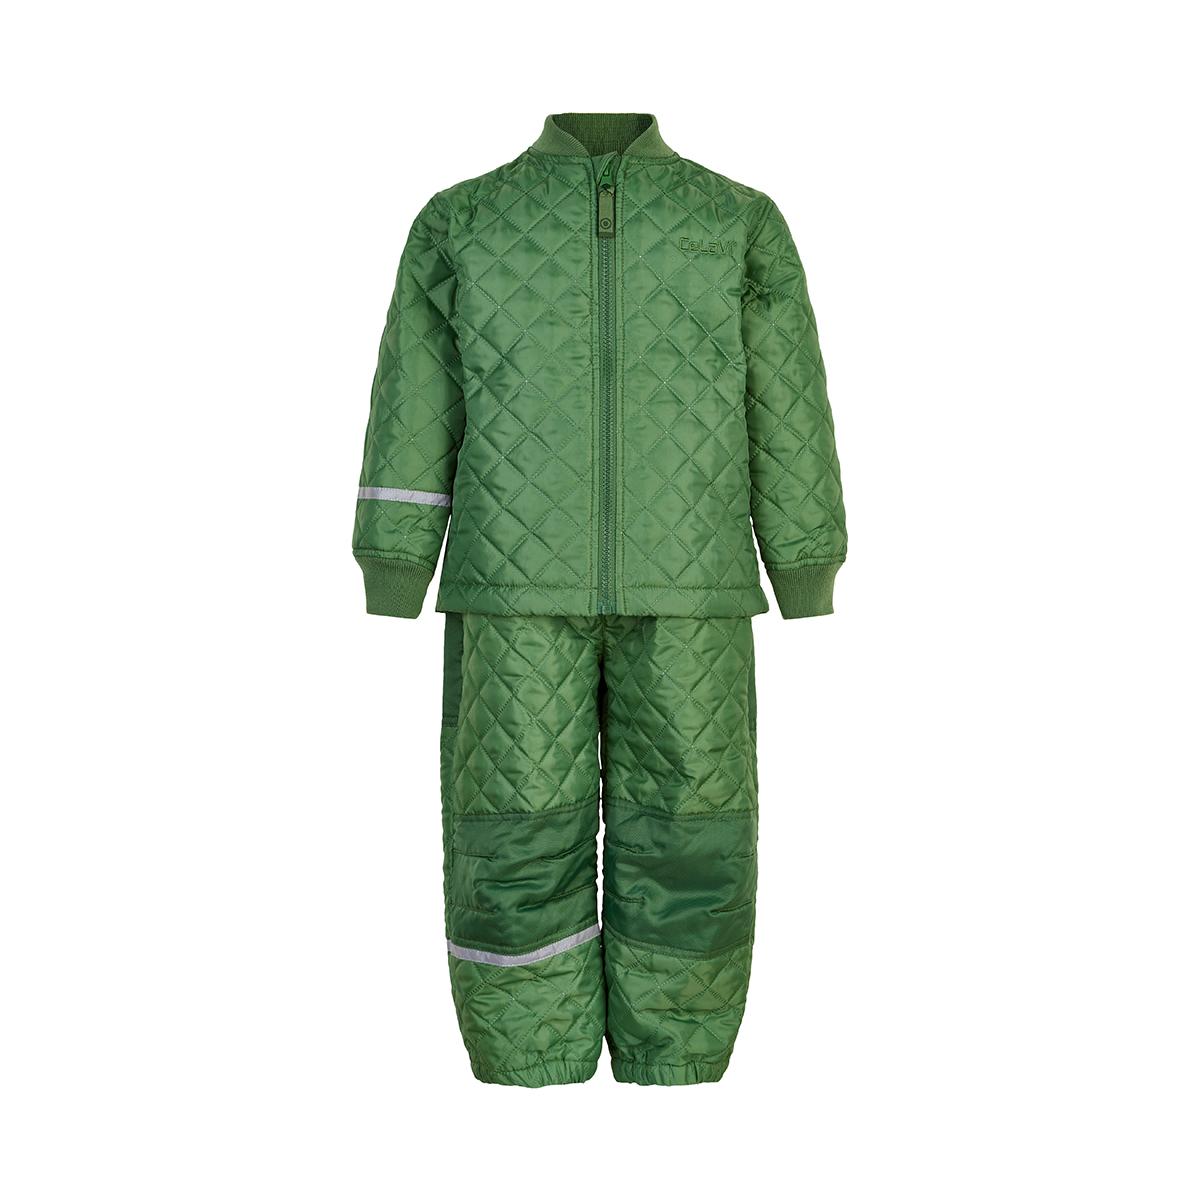 CeLaVi dětský termo oblek 3555-906